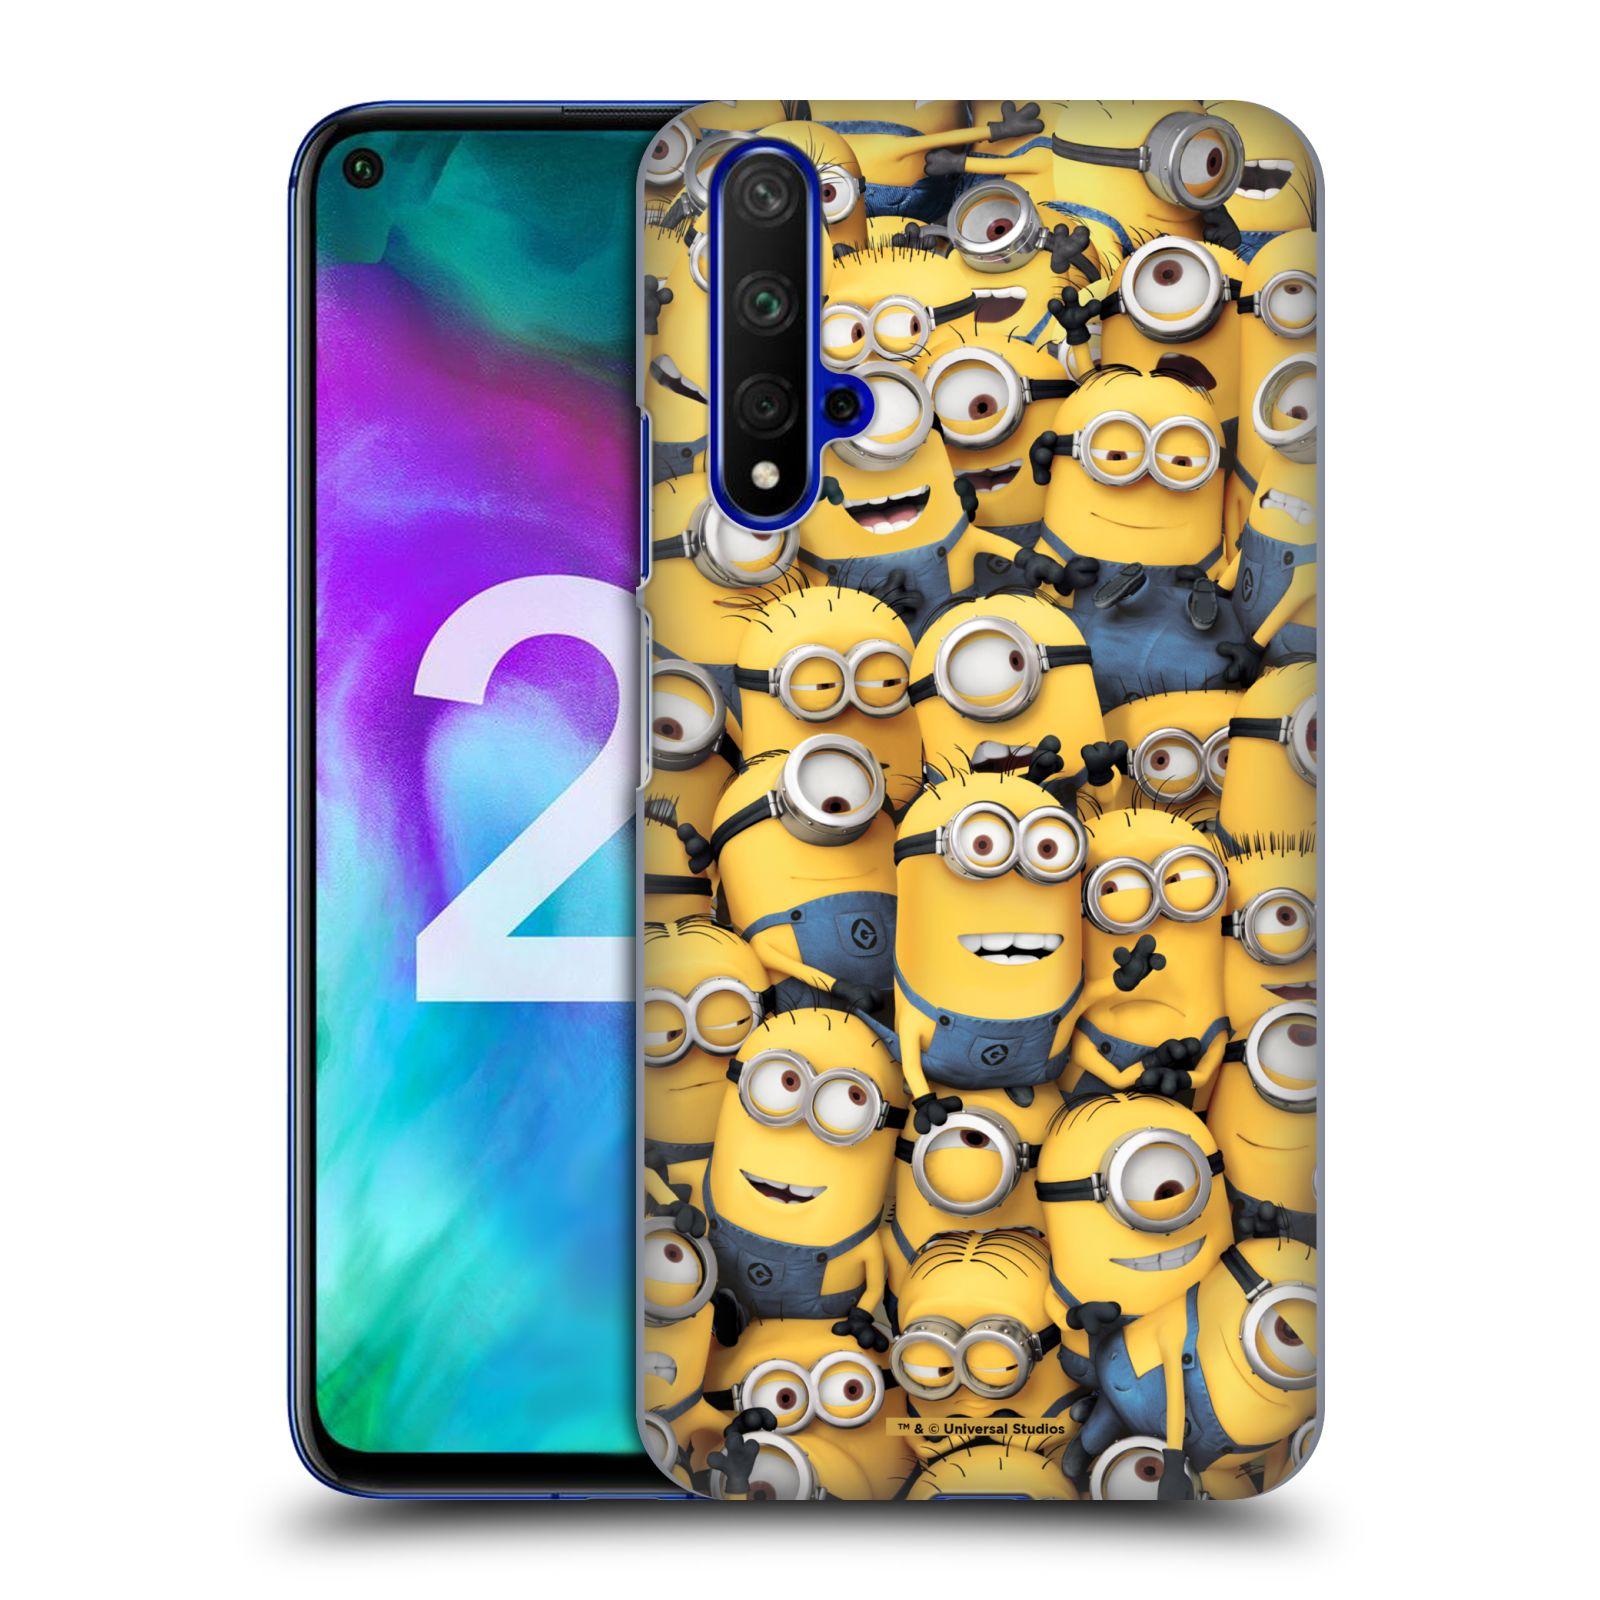 Plastové pouzdro na mobil Honor 20 - Head Case - Mimoni všude z filmu Já, padouch - Despicable Me